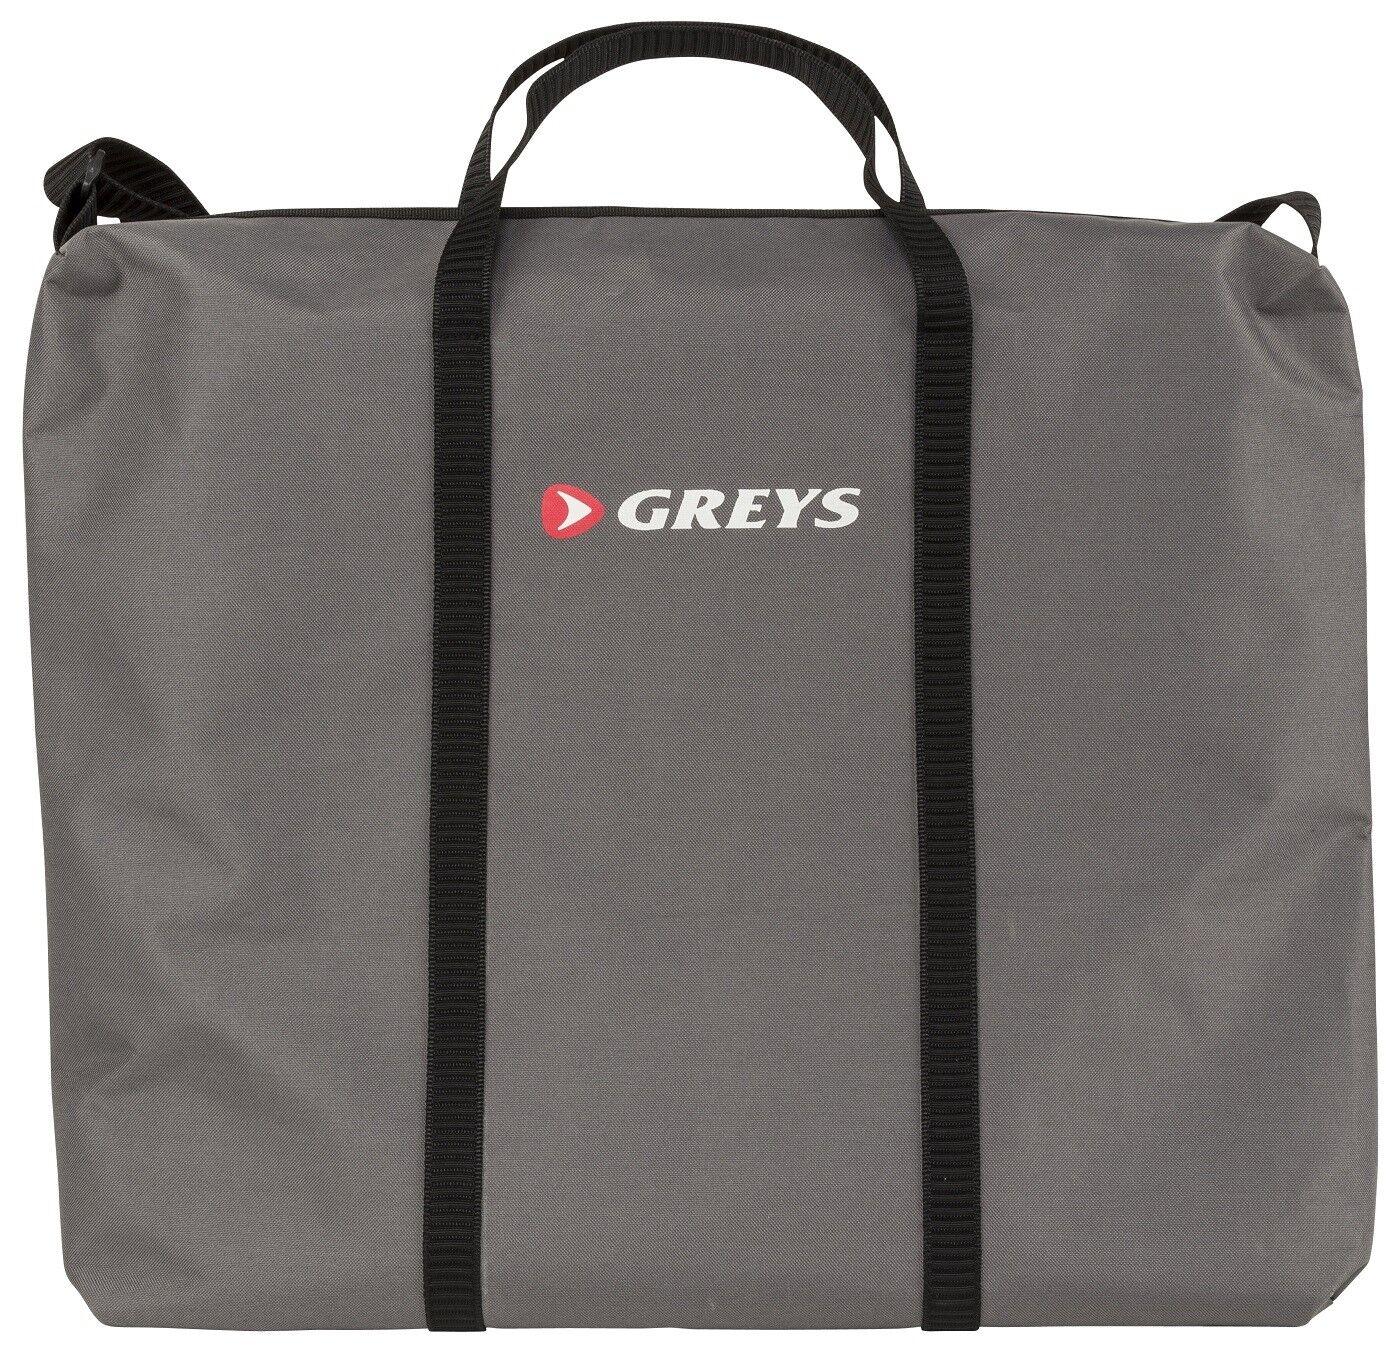 Greys Fish Wet Wader Bag 1447278 Tasche Bag Angeltasche Anglertasche